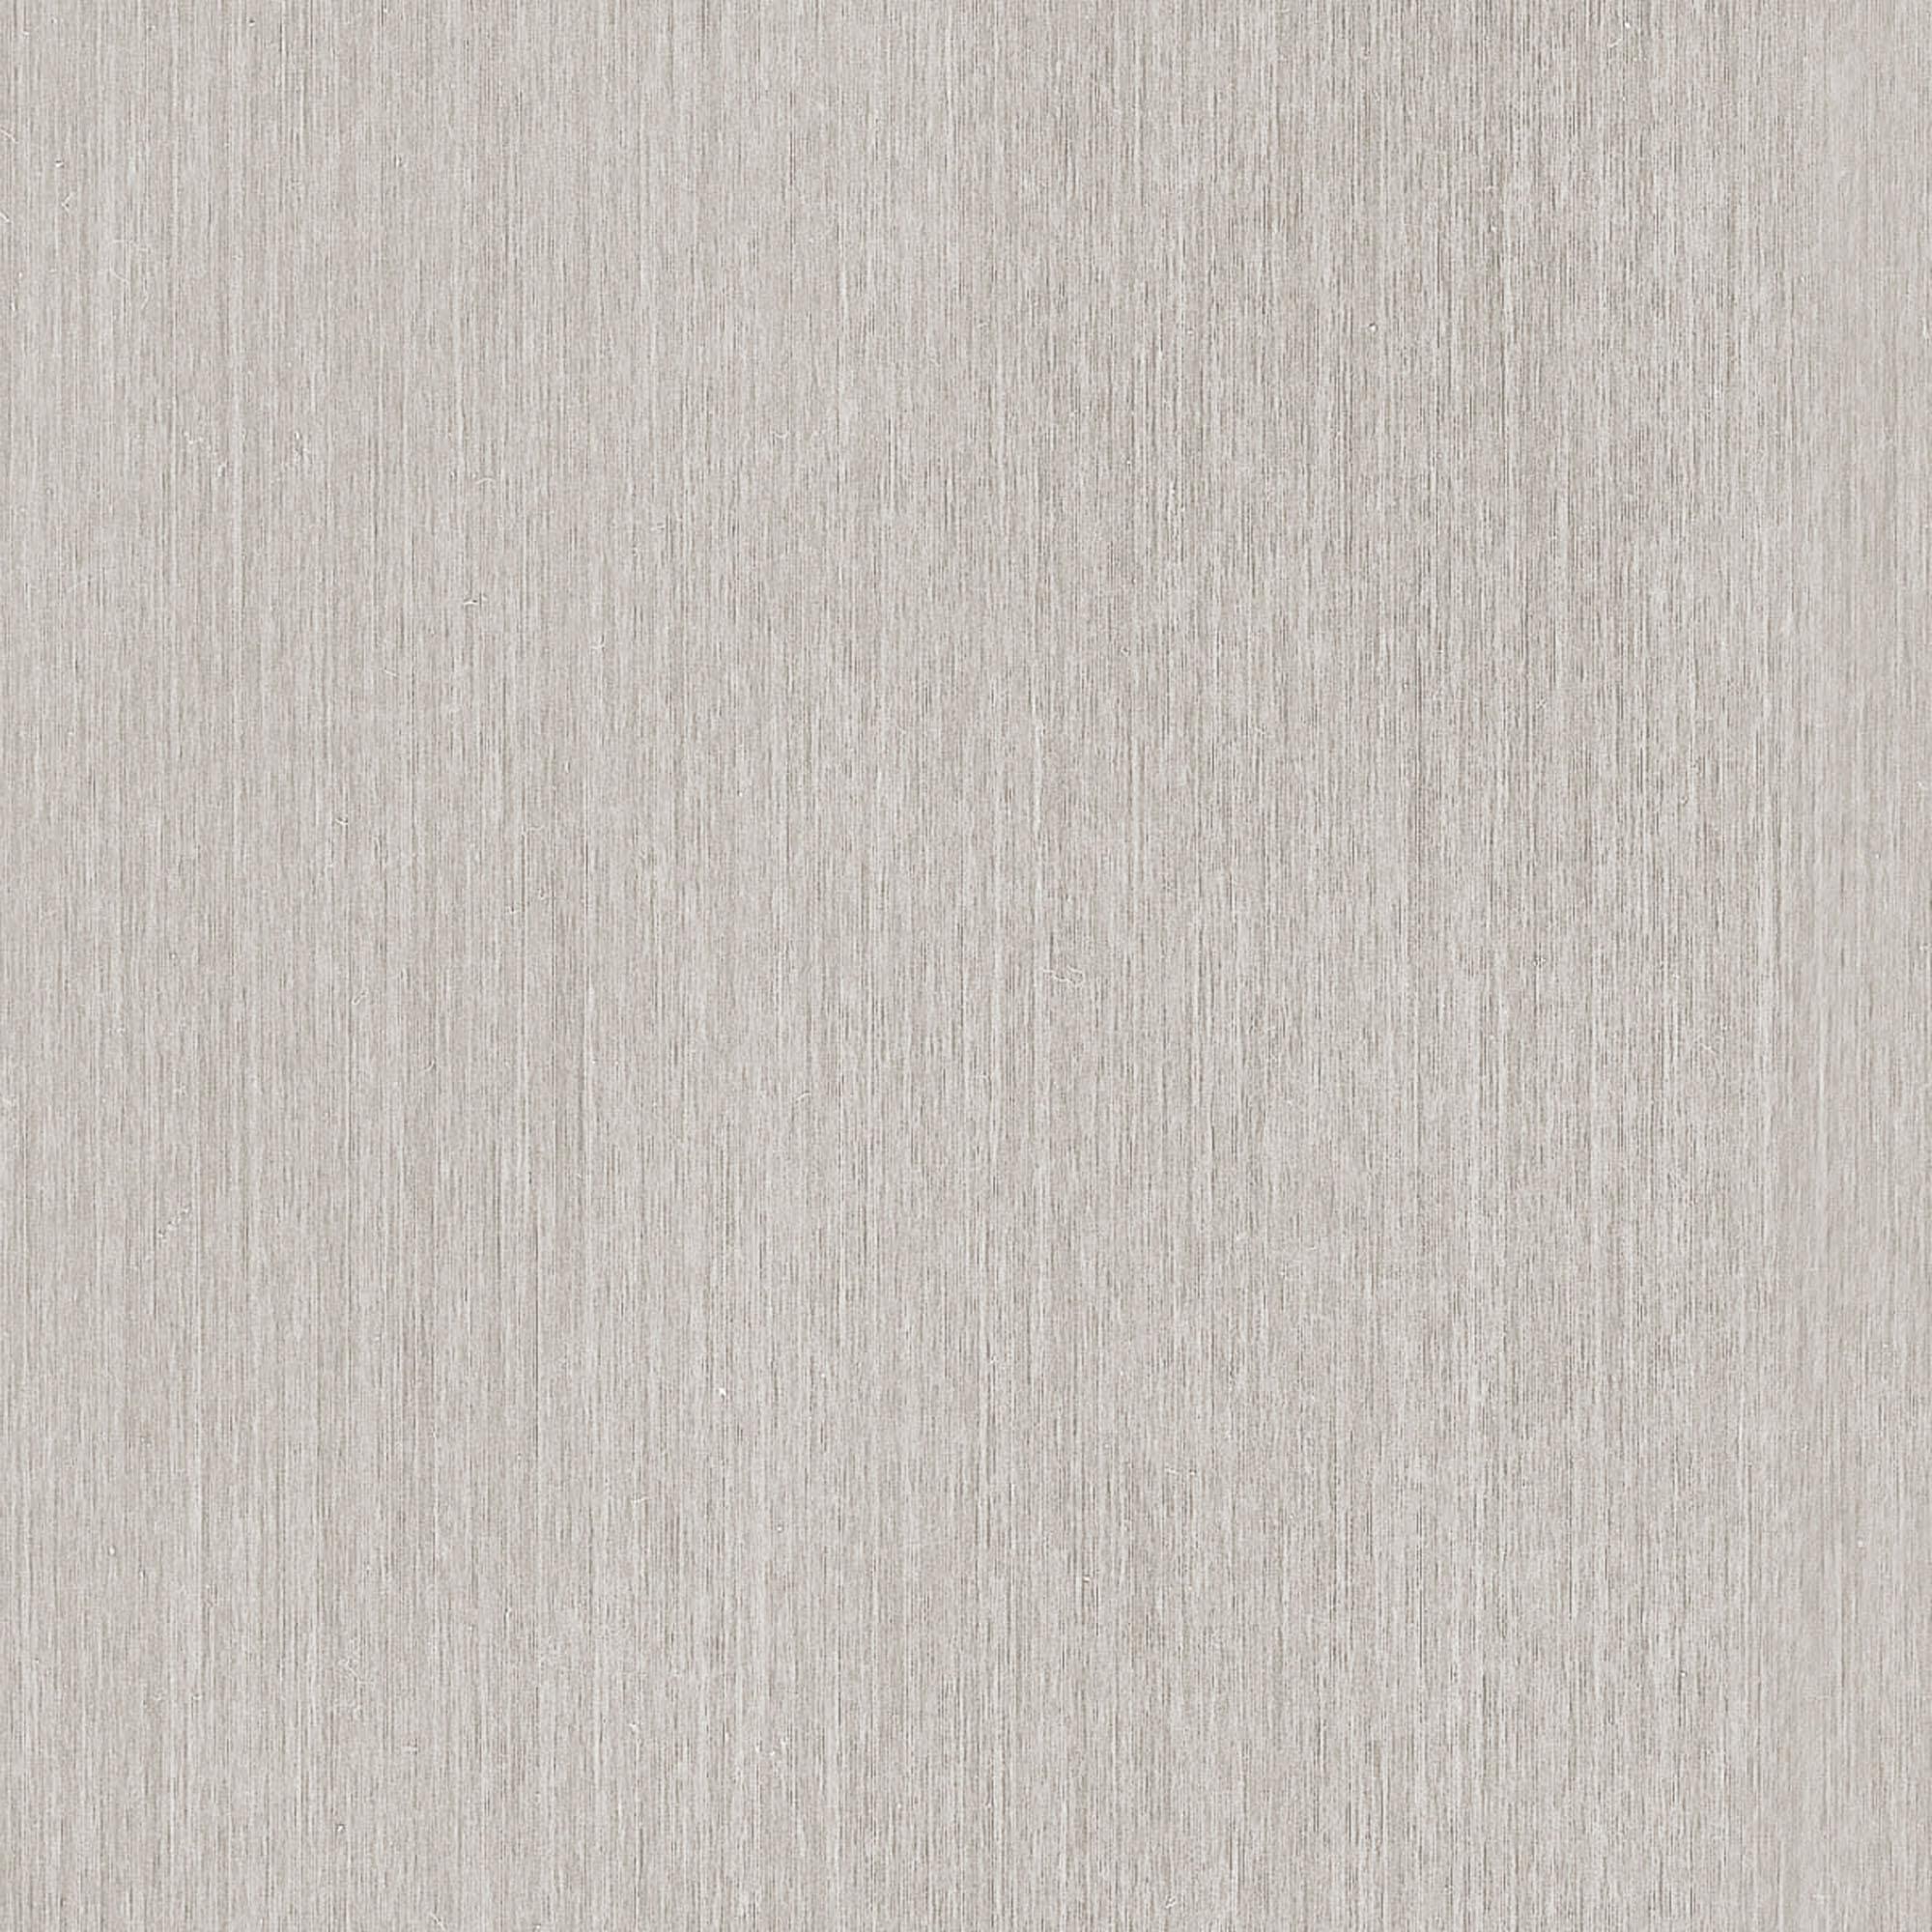 M4522 Aluminium Stainless II